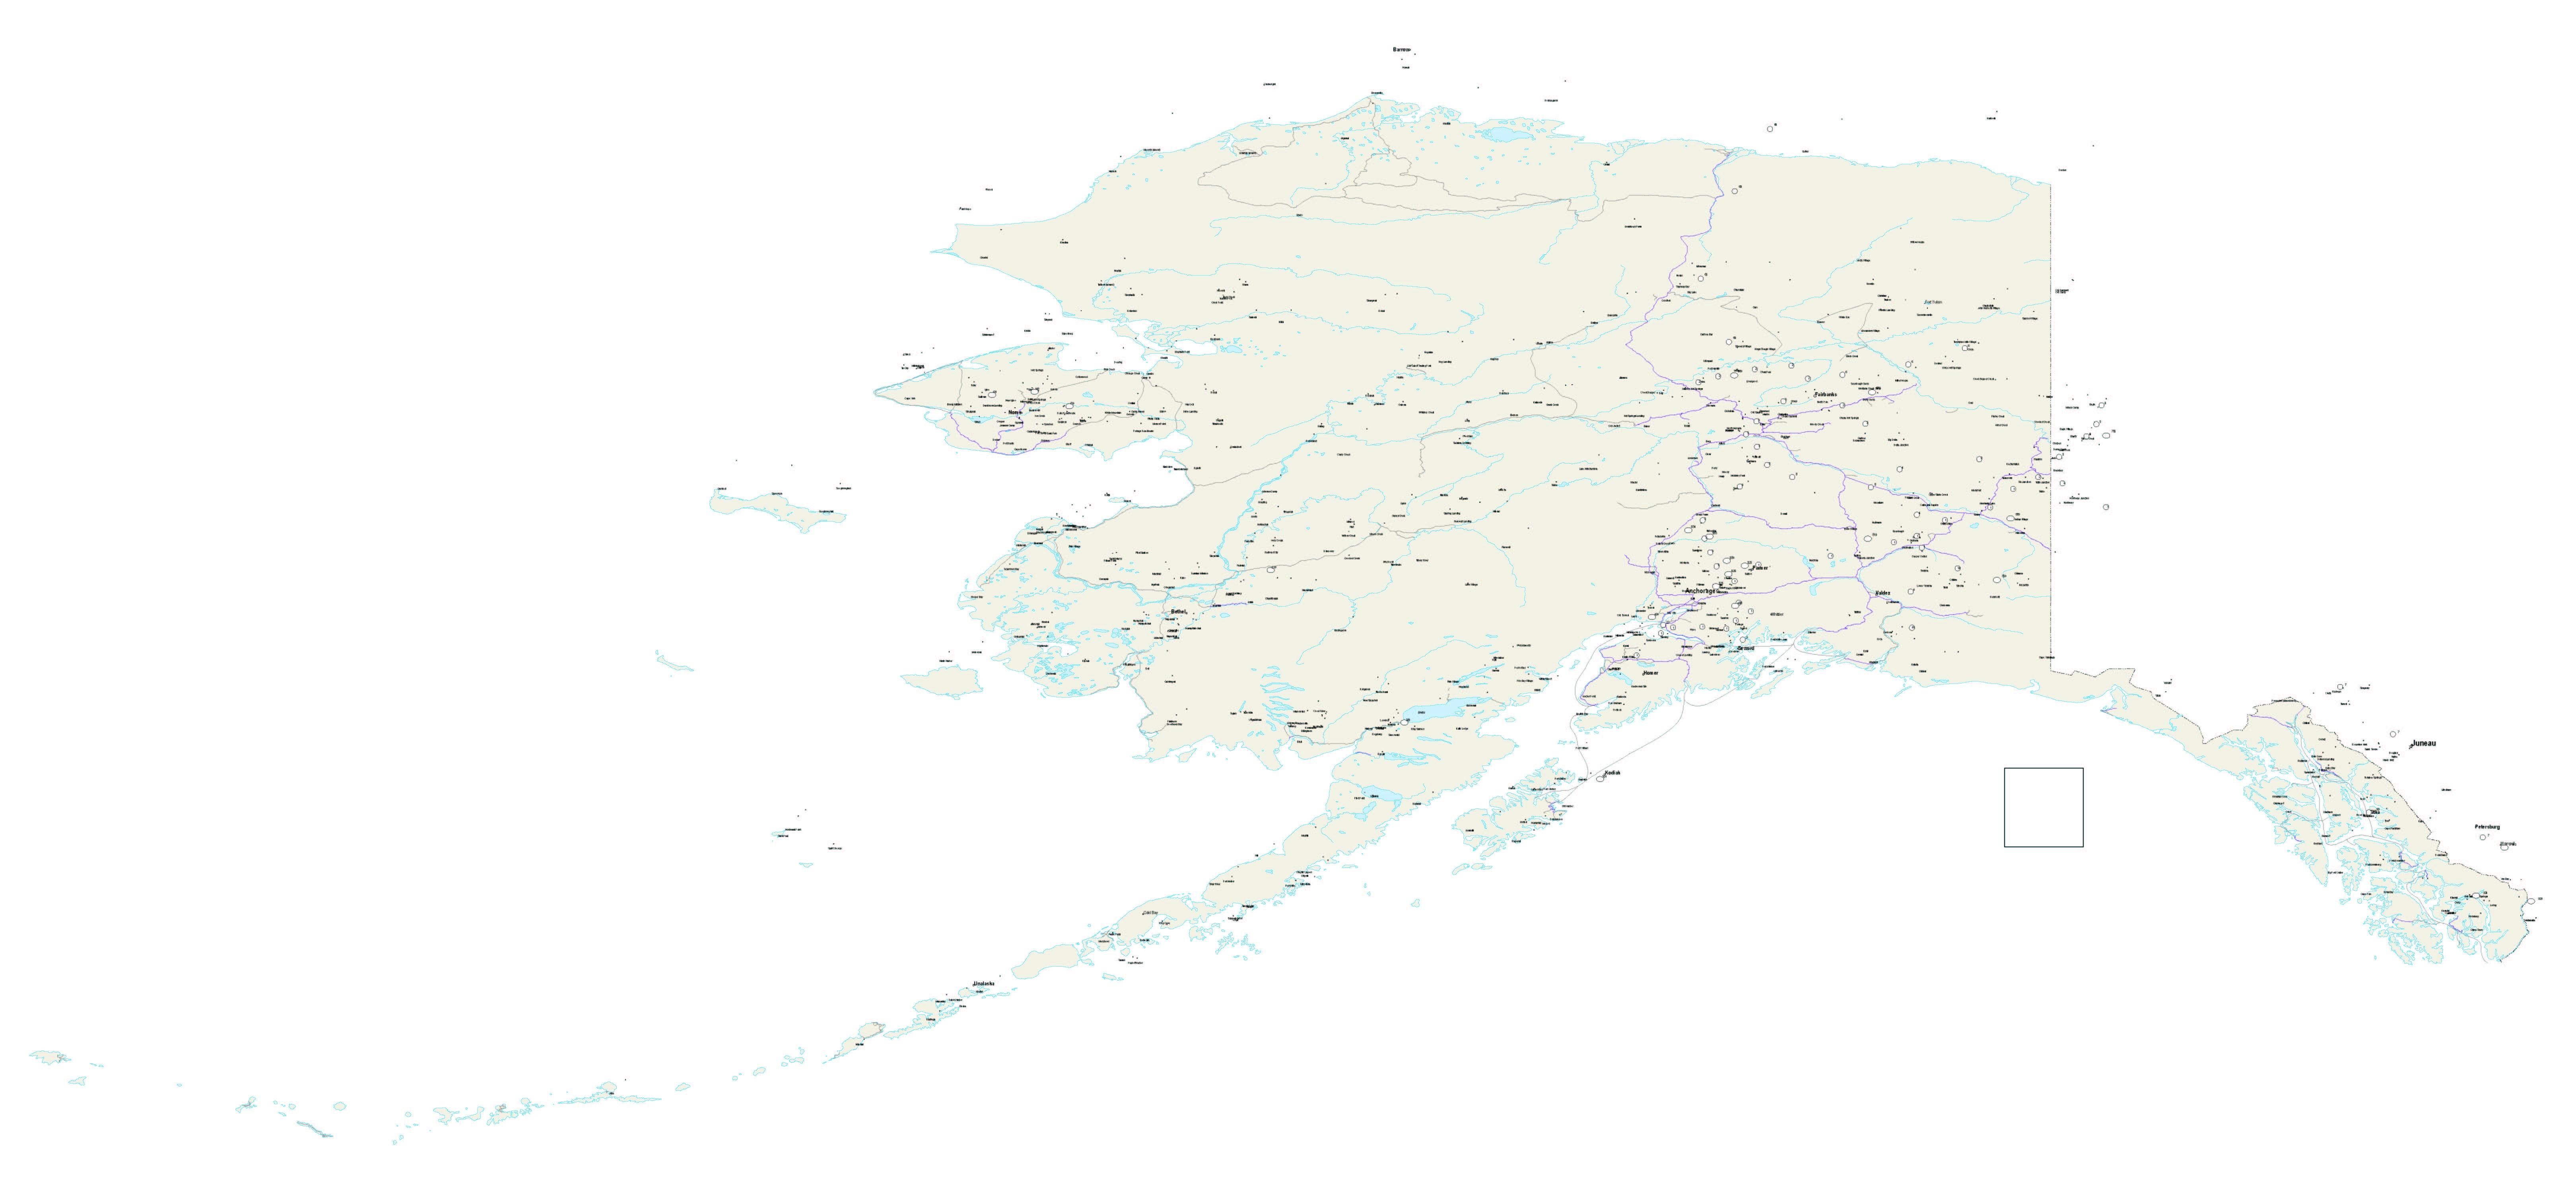 Alaska Map - Us Alaska Maps Free - Free Printable Alaska Road Maps - Free Printable Pictures Of Alaska